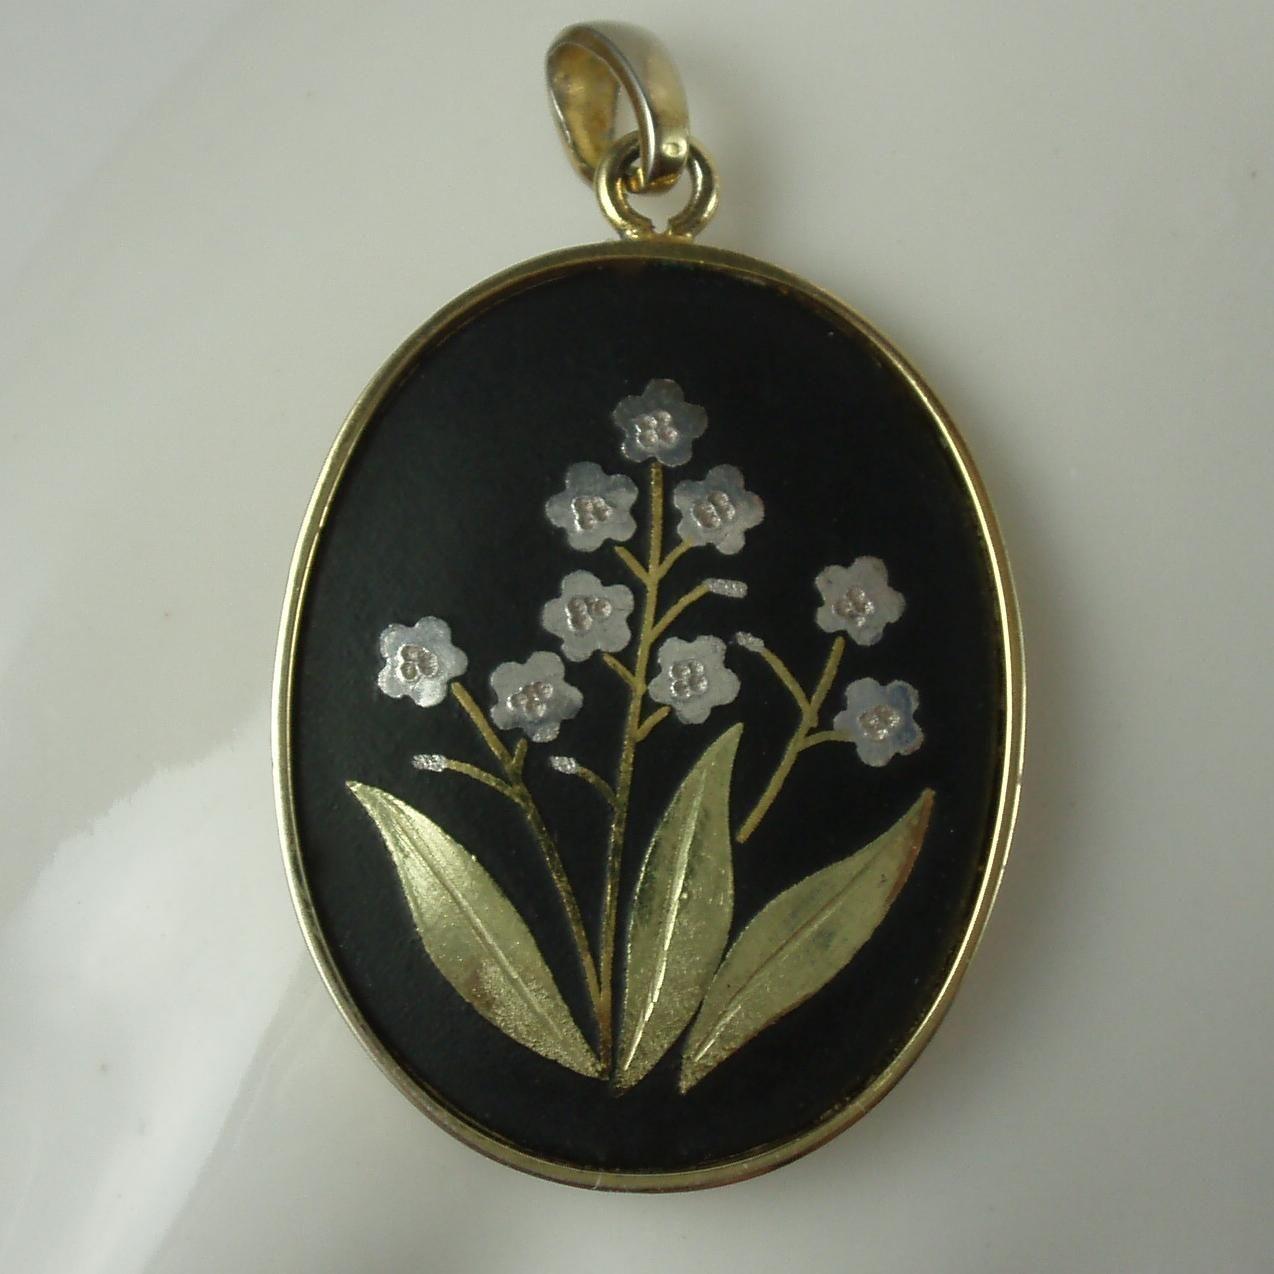 Vintage japanese damascene pendant signed amita japanese pendants vintage japanese damascene pendant signed amita mozeypictures Images